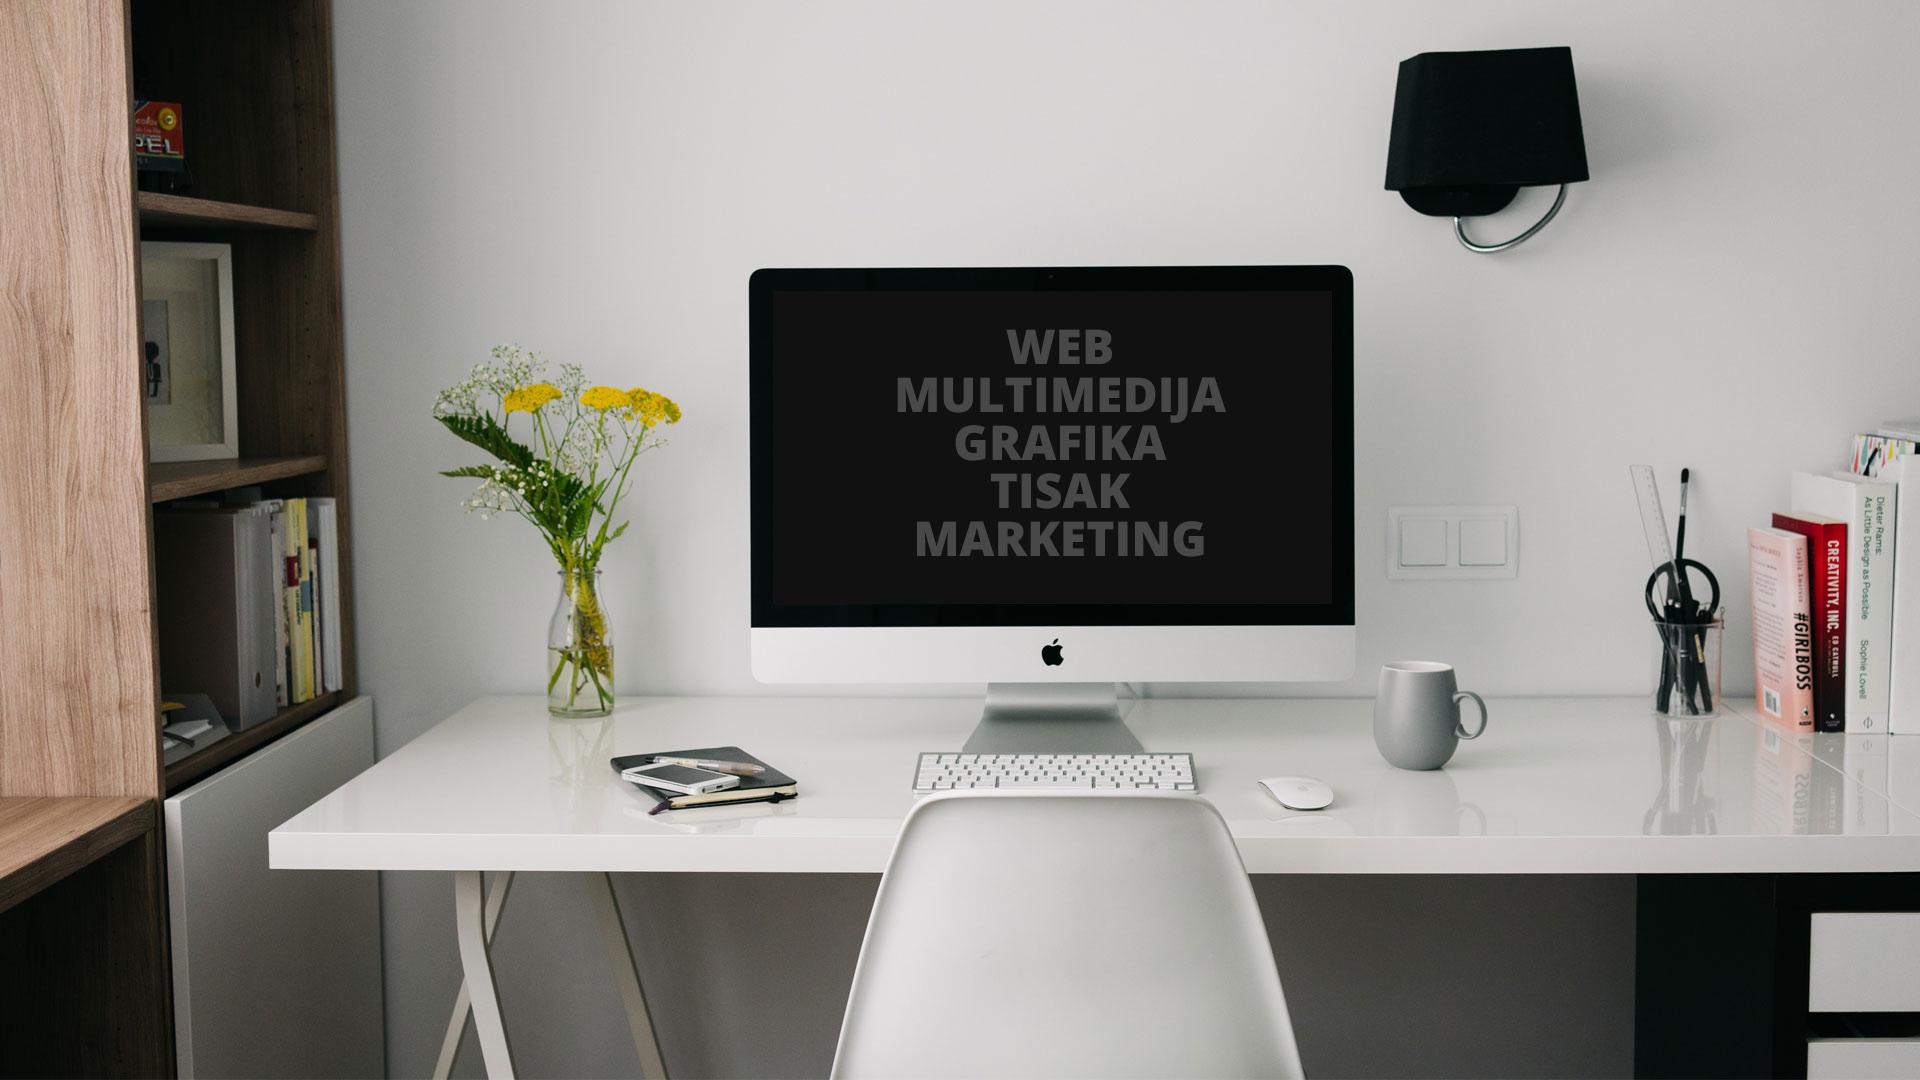 Web dizajn, grafika, multimedija, tisak, fotografija